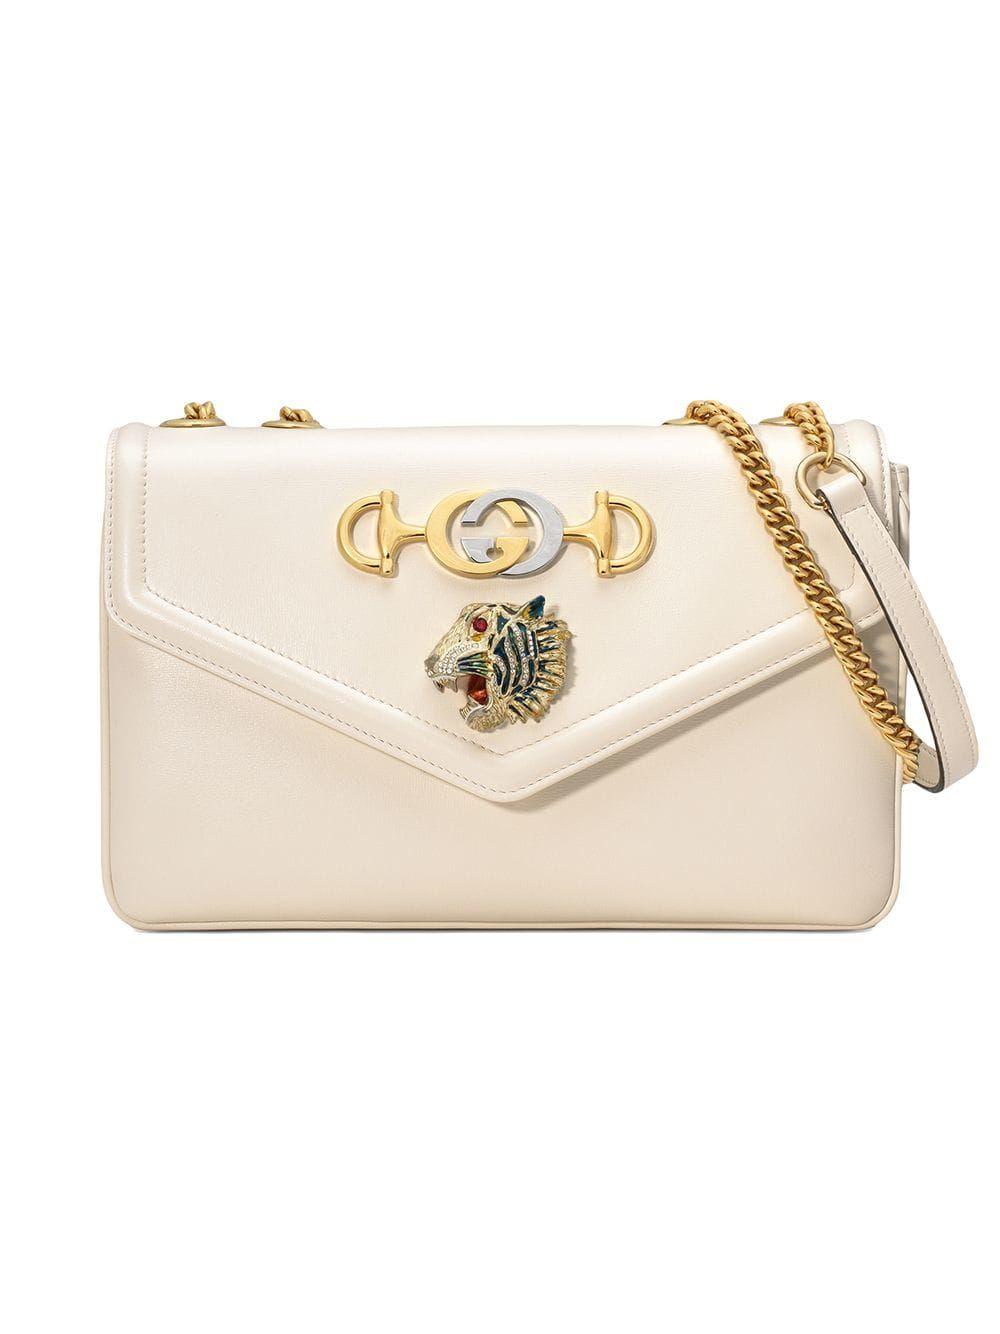 6e39a41d0 GUCCI MEDIUM RAJAH LEATHER SHOULDER BAG - WHITE. #gucci #bags #shoulder bags  #leather #lining #crystal